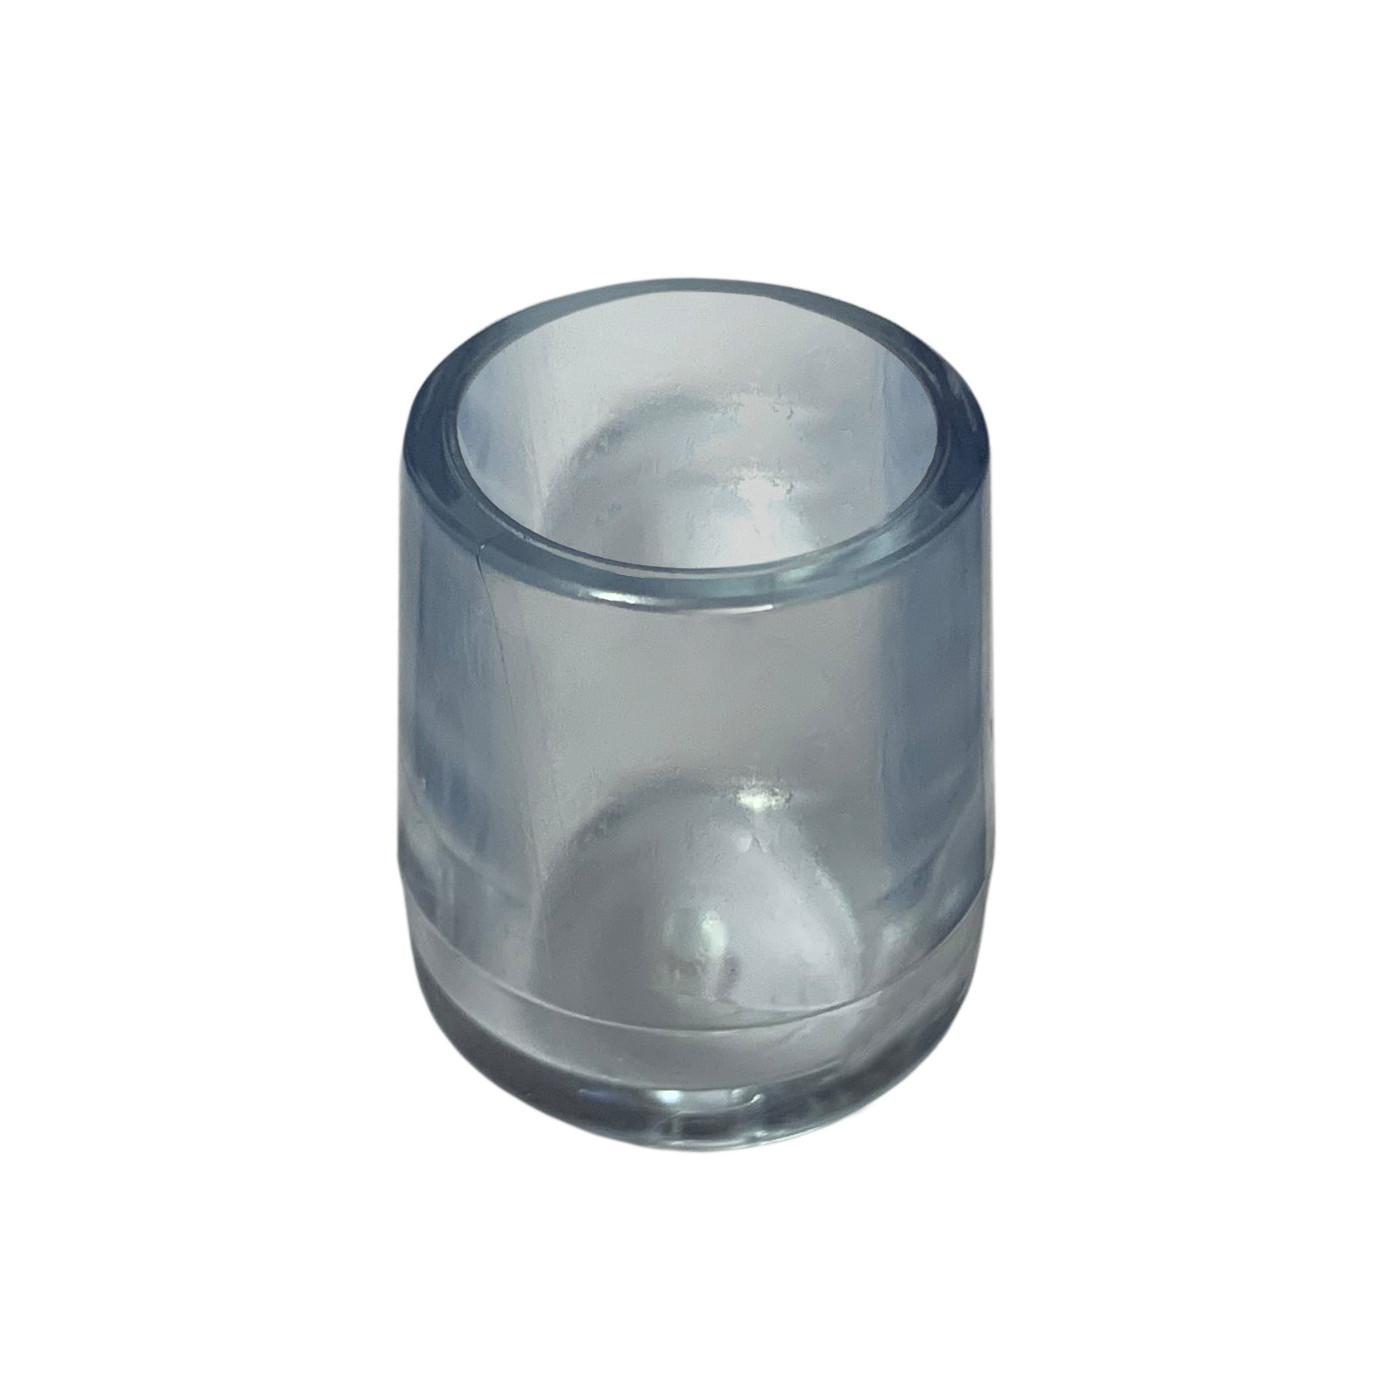 Set von 16 flexibele Stuhlbeinkappen (Außenkappe, extra stark, rund, 18 mm, transparent) [O-RO-18-T-X]  - 1